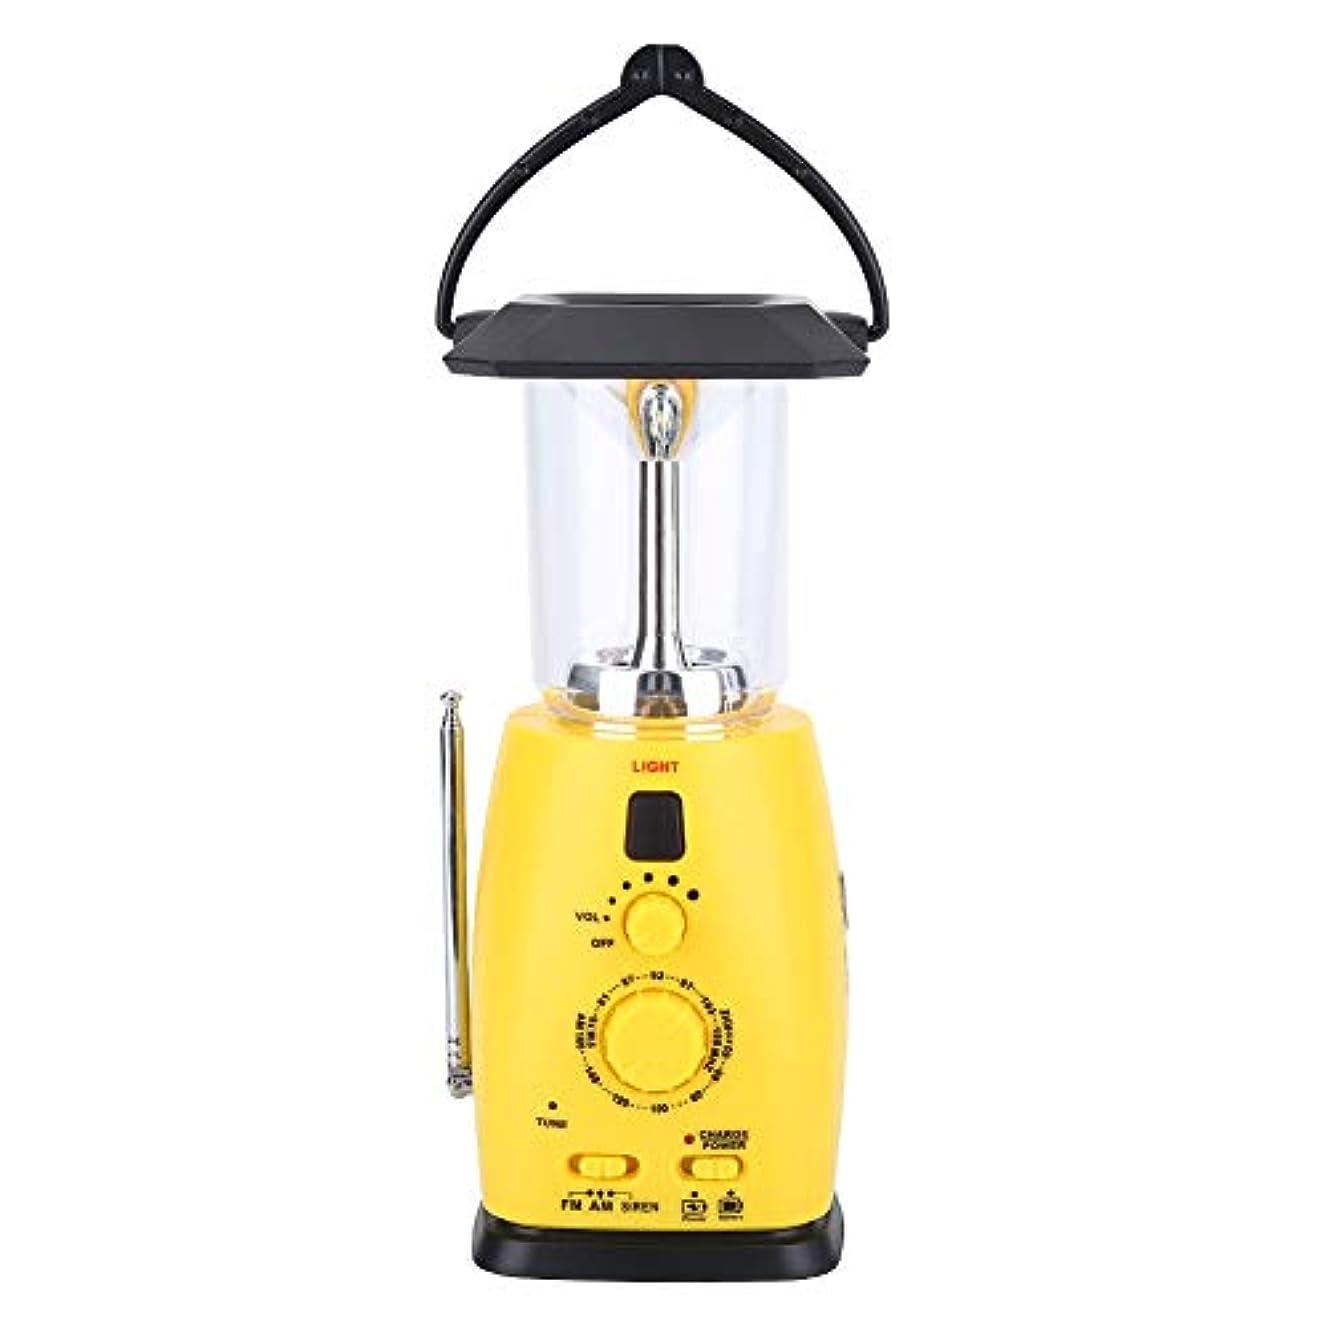 解読する滑りやすい特異性Eboxer LED緊急懐中電灯 LEDランタン ラジオライト ハンドクランクソーラーパワー キャンプライト トーチランプ 電話充電器 FM/AMラジオ 超高輝度 調整可能 強力 防災 防犯 多機能